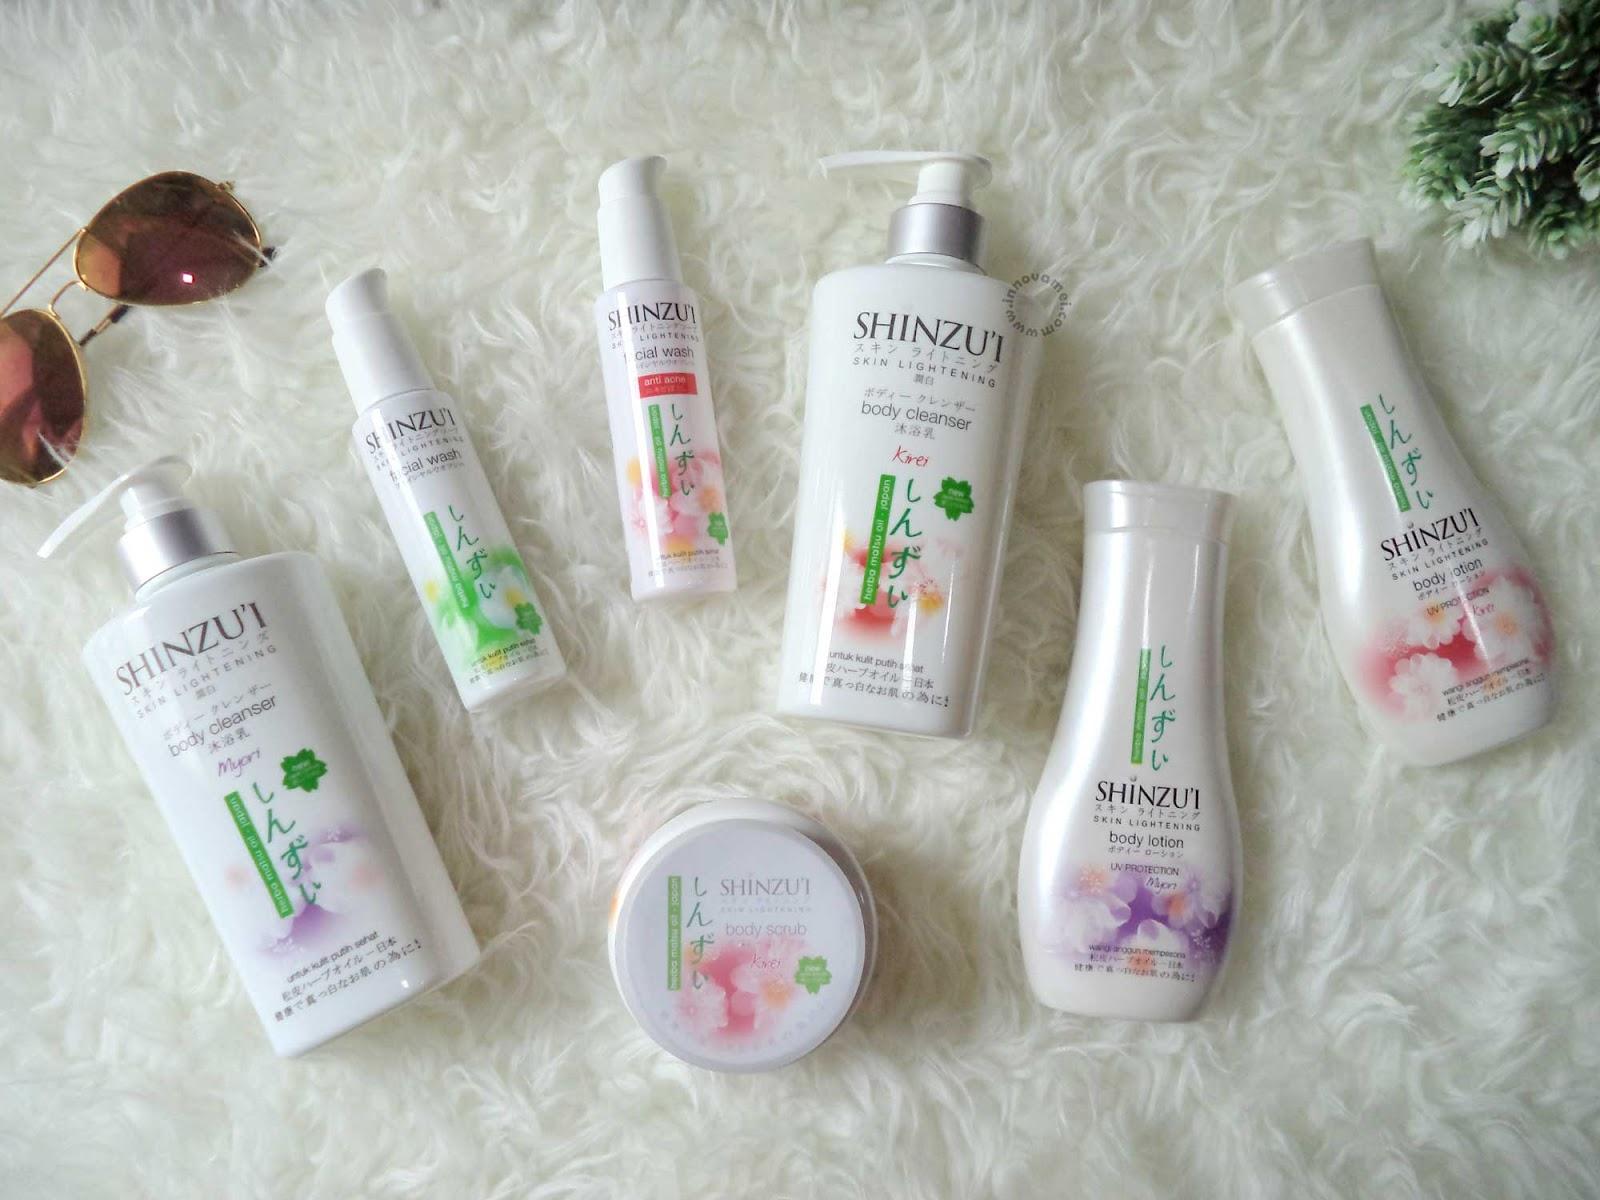 Review Shinzu I Facial Wash Dan Body Lotion Cara Mudah Memutihkan Kulit Wajah Dan Badan Innovamei